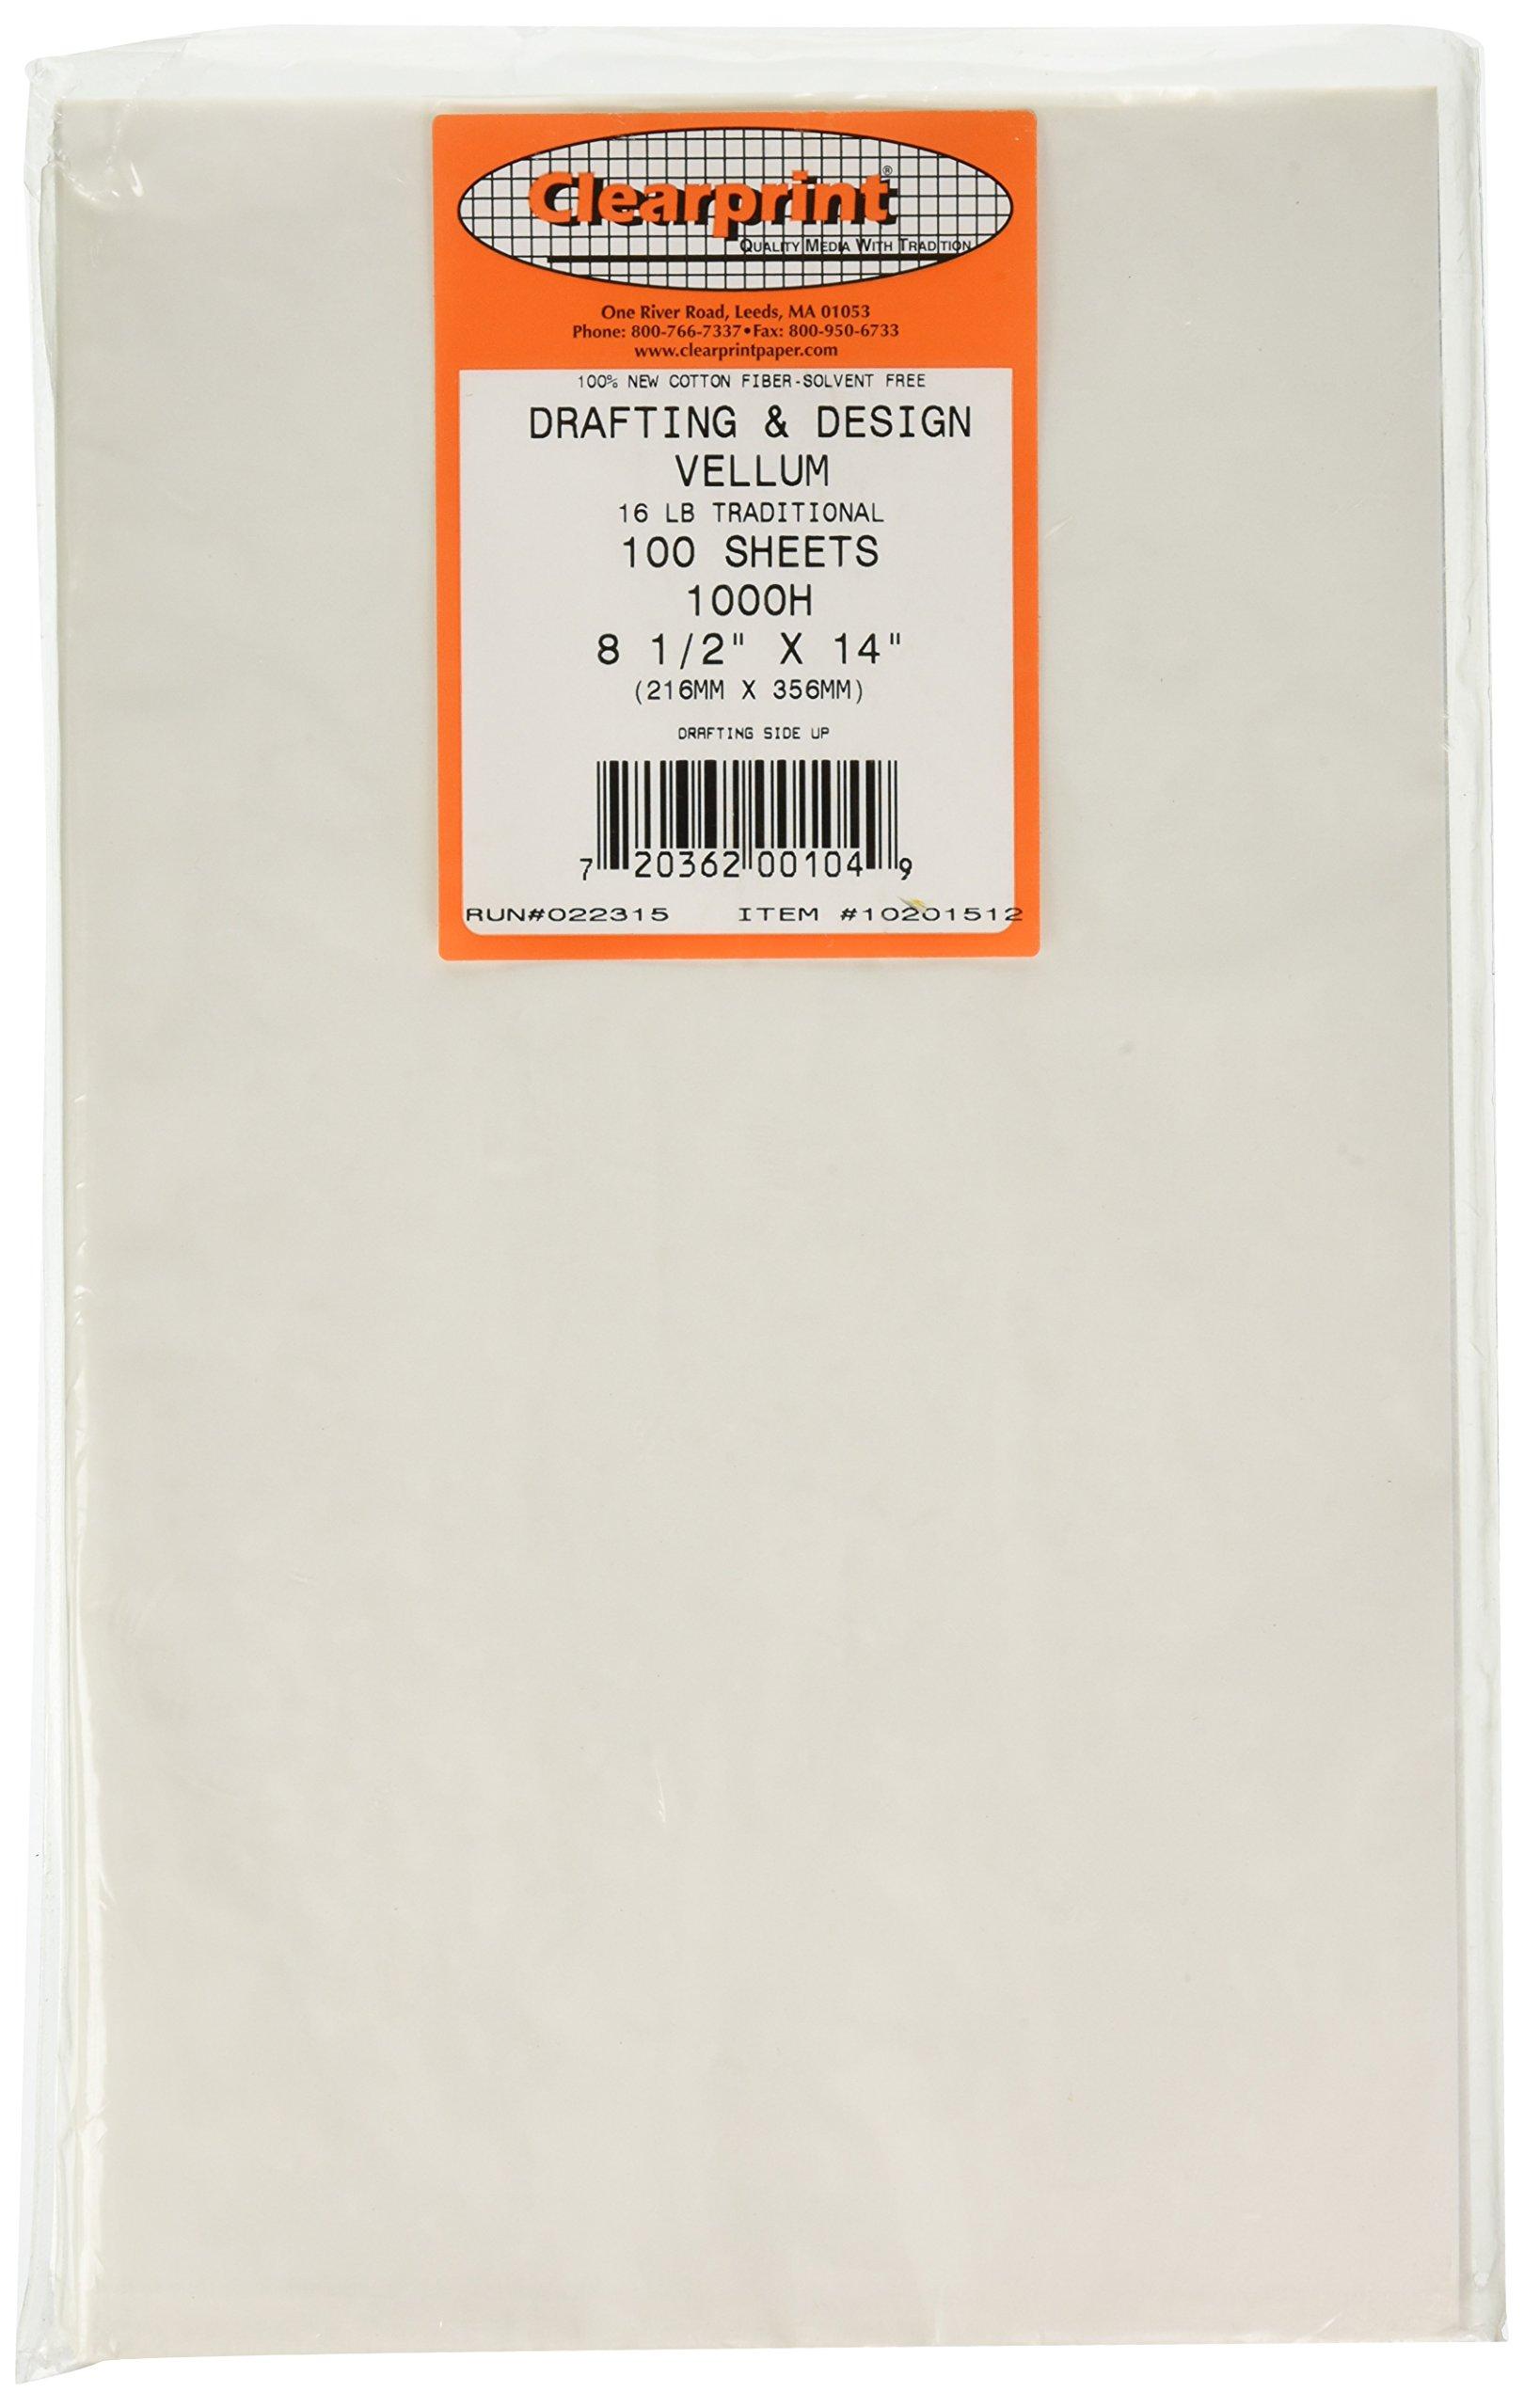 CLEARPRINT Alvin Cp10201512 85'' x 14'' Design Vellum (10201512) by Clearprint